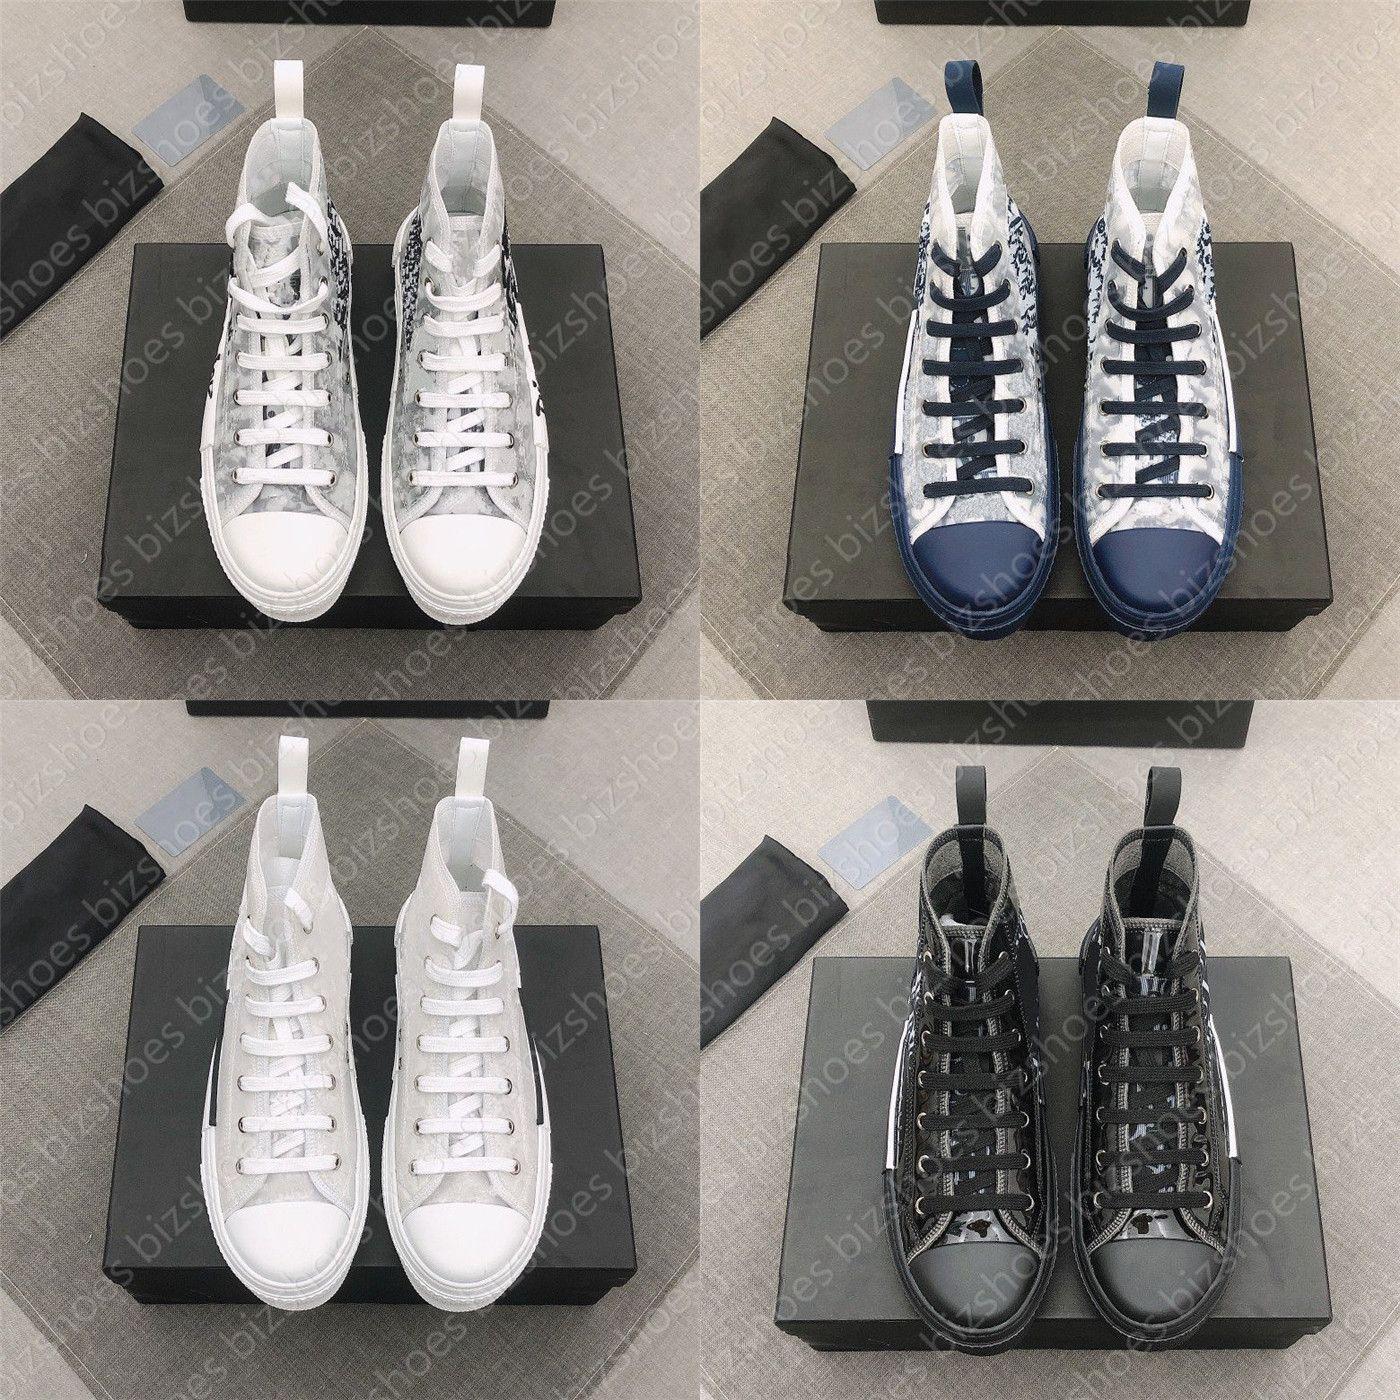 Eğik Tasarımcı Sneakers 19 Dantel-up Platformu Ayakkabı Siyah Beyaz SS Kadın Erkek Sneaker Baskı Teknik 23 24 Günlük Ayakkabılar